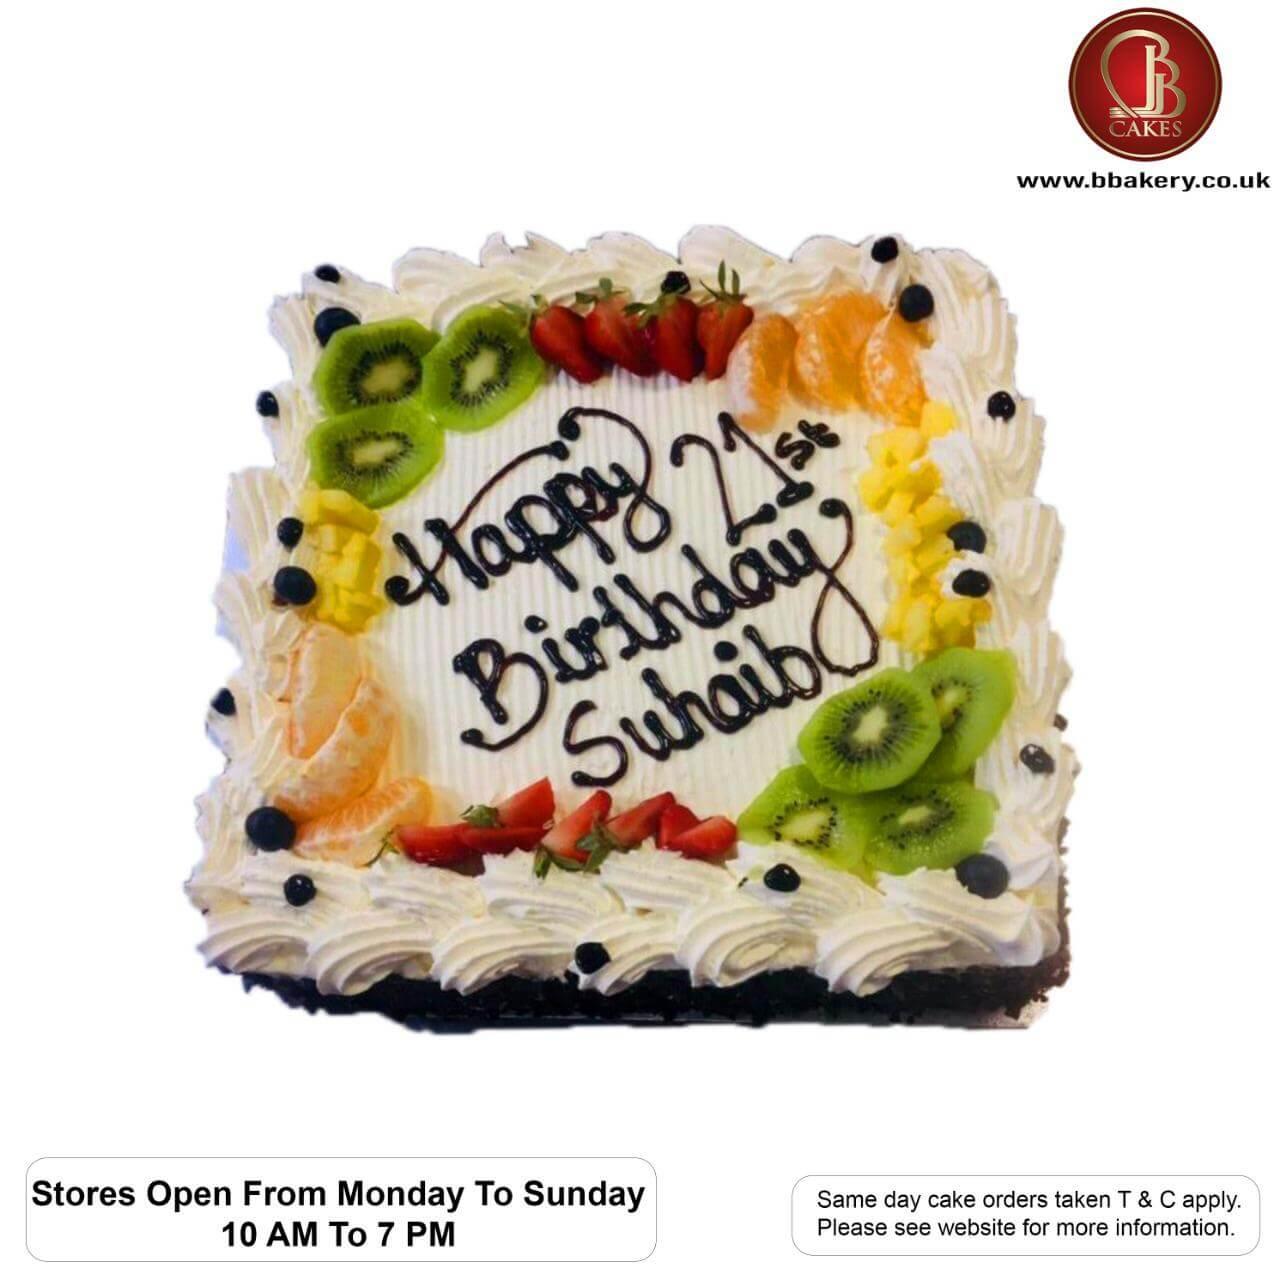 Halal Cake Makers Cake Shop In Birmingham Wedding Birthday Celebration Cakes West Midlands Uk